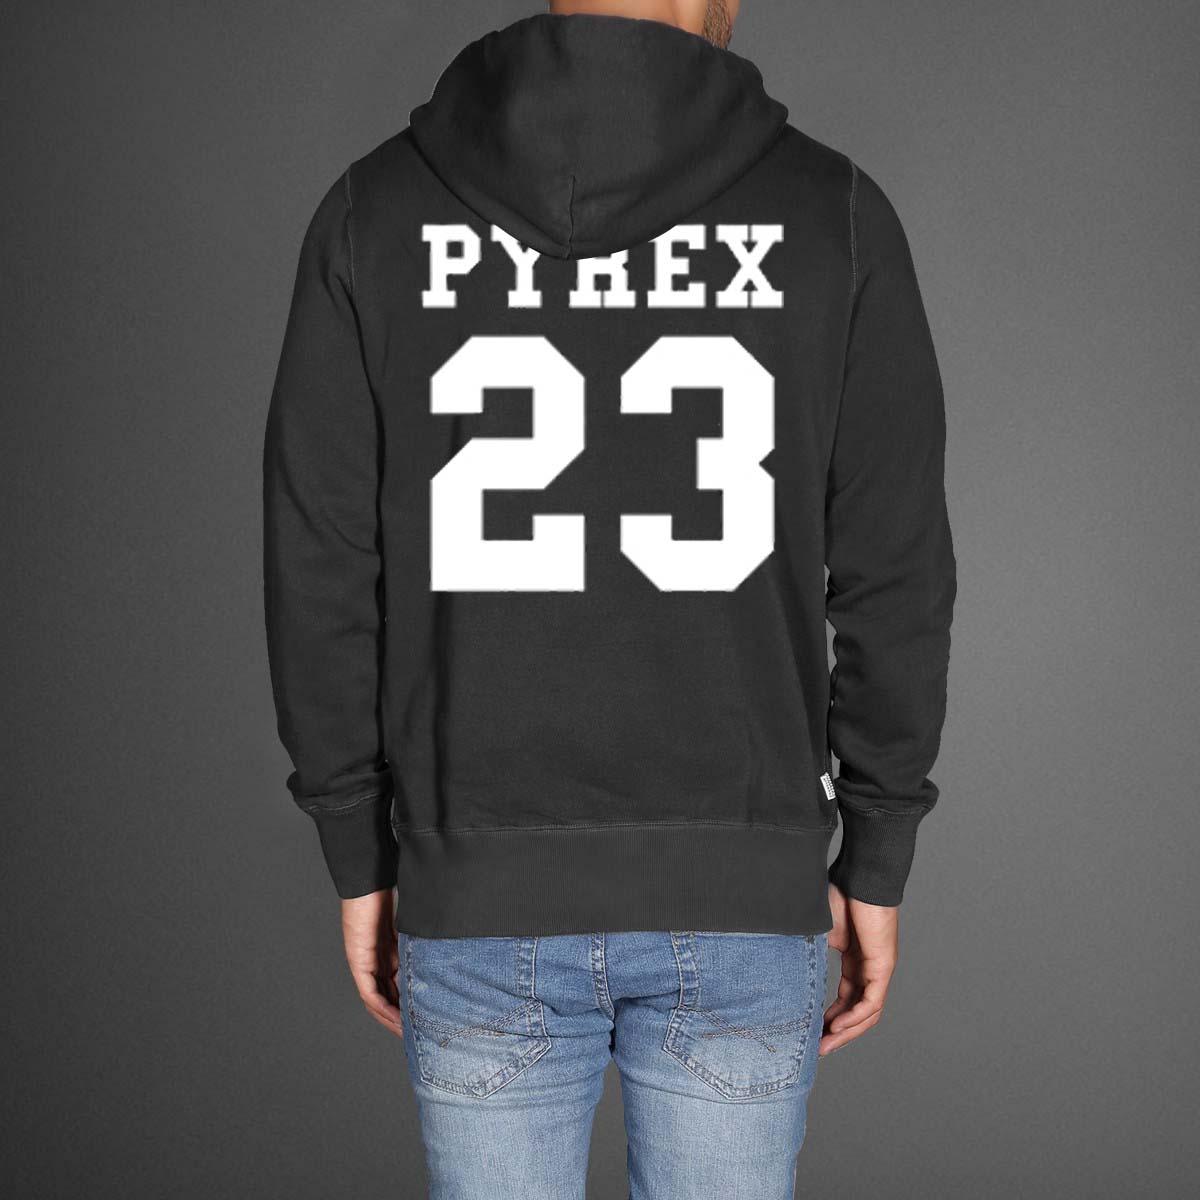 pyrex 23 black Hoodies